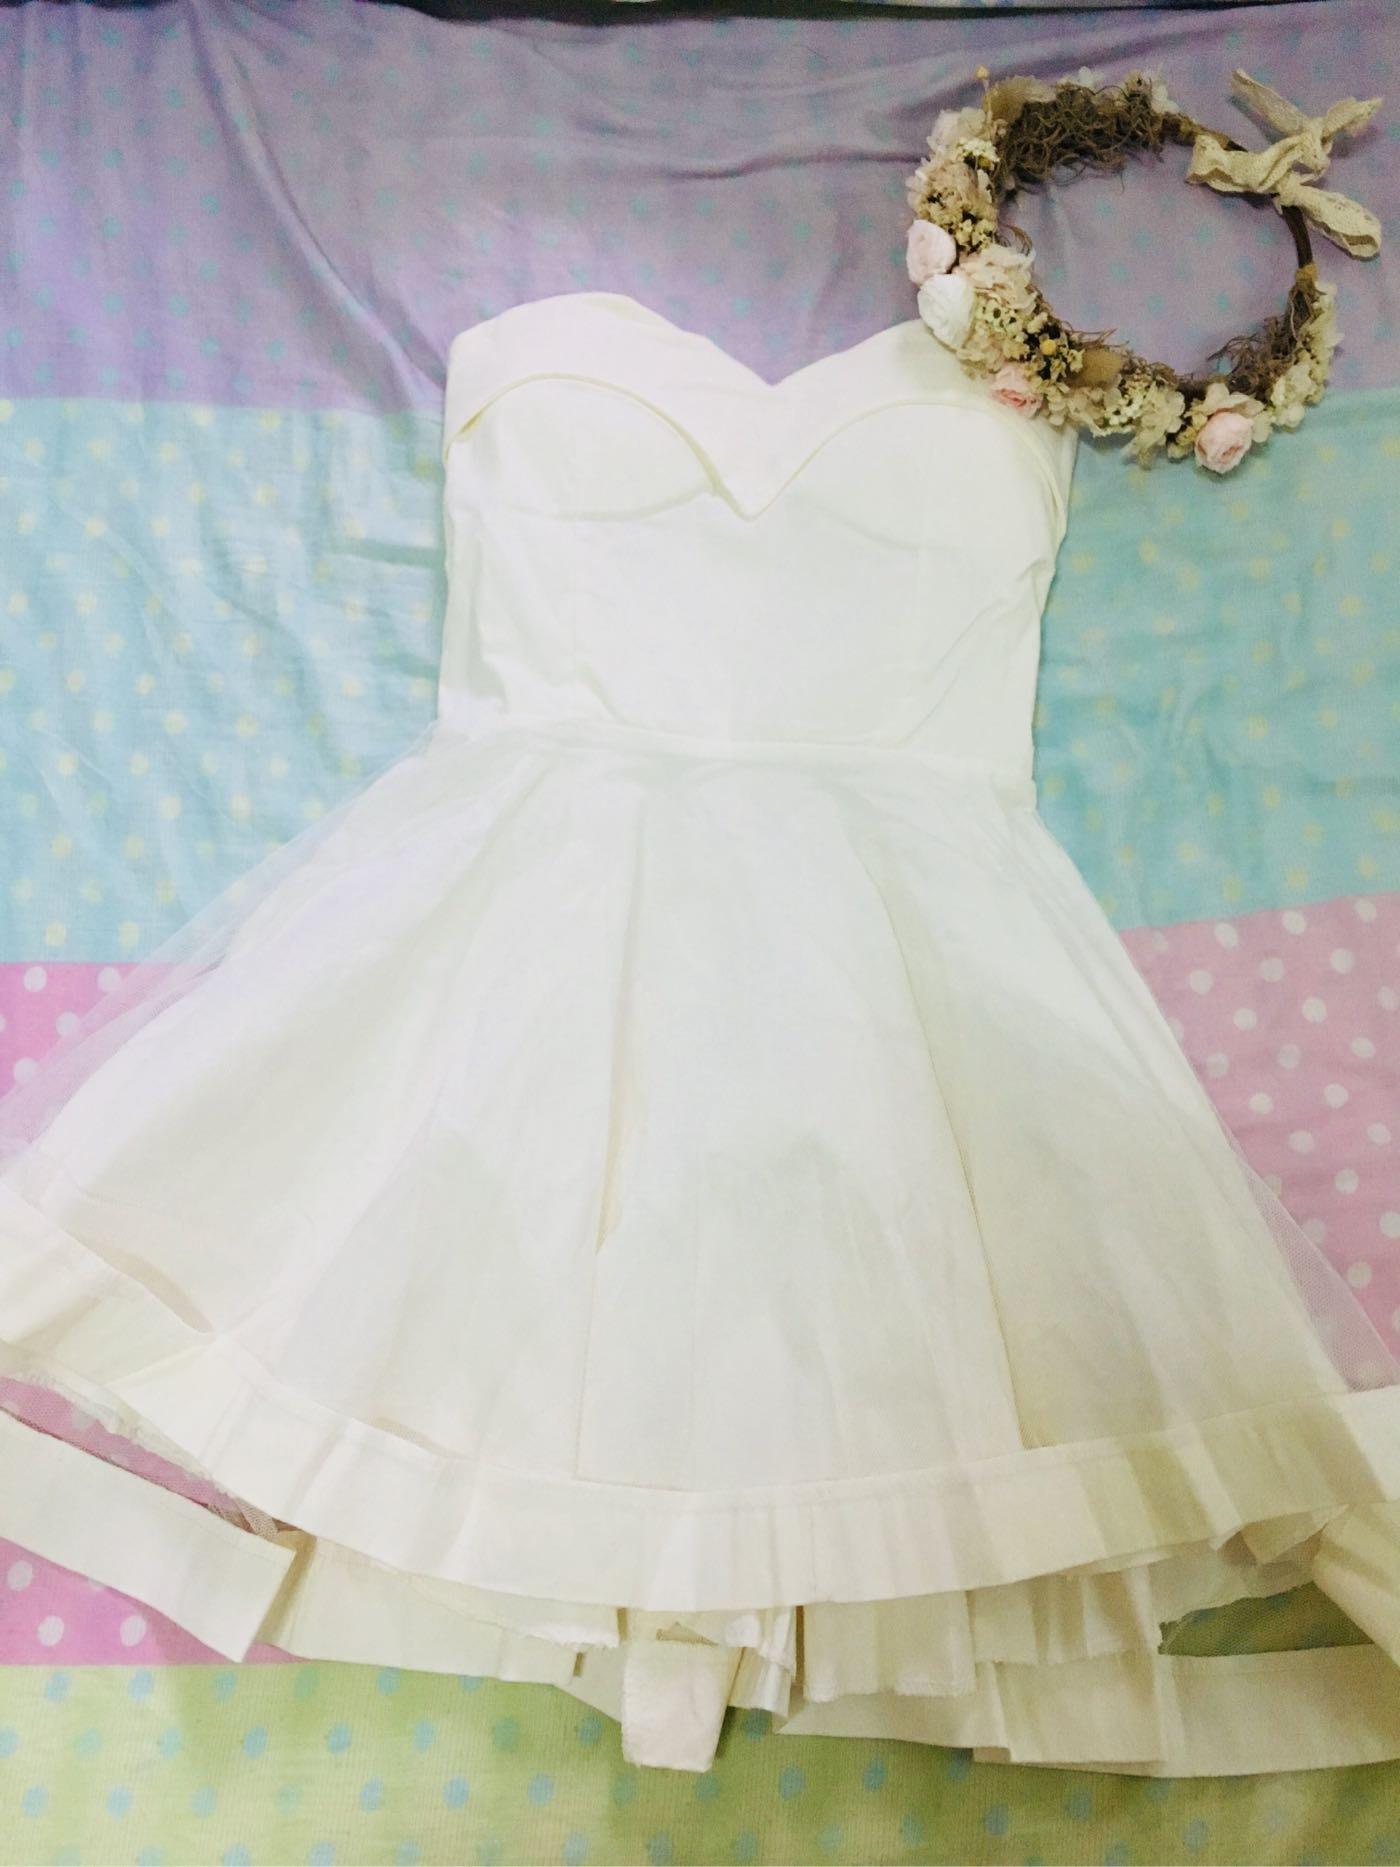 全新 白色晚宴小禮服 伴娘服 平口洋裝 小洋裝 網紗蓬蓬裙